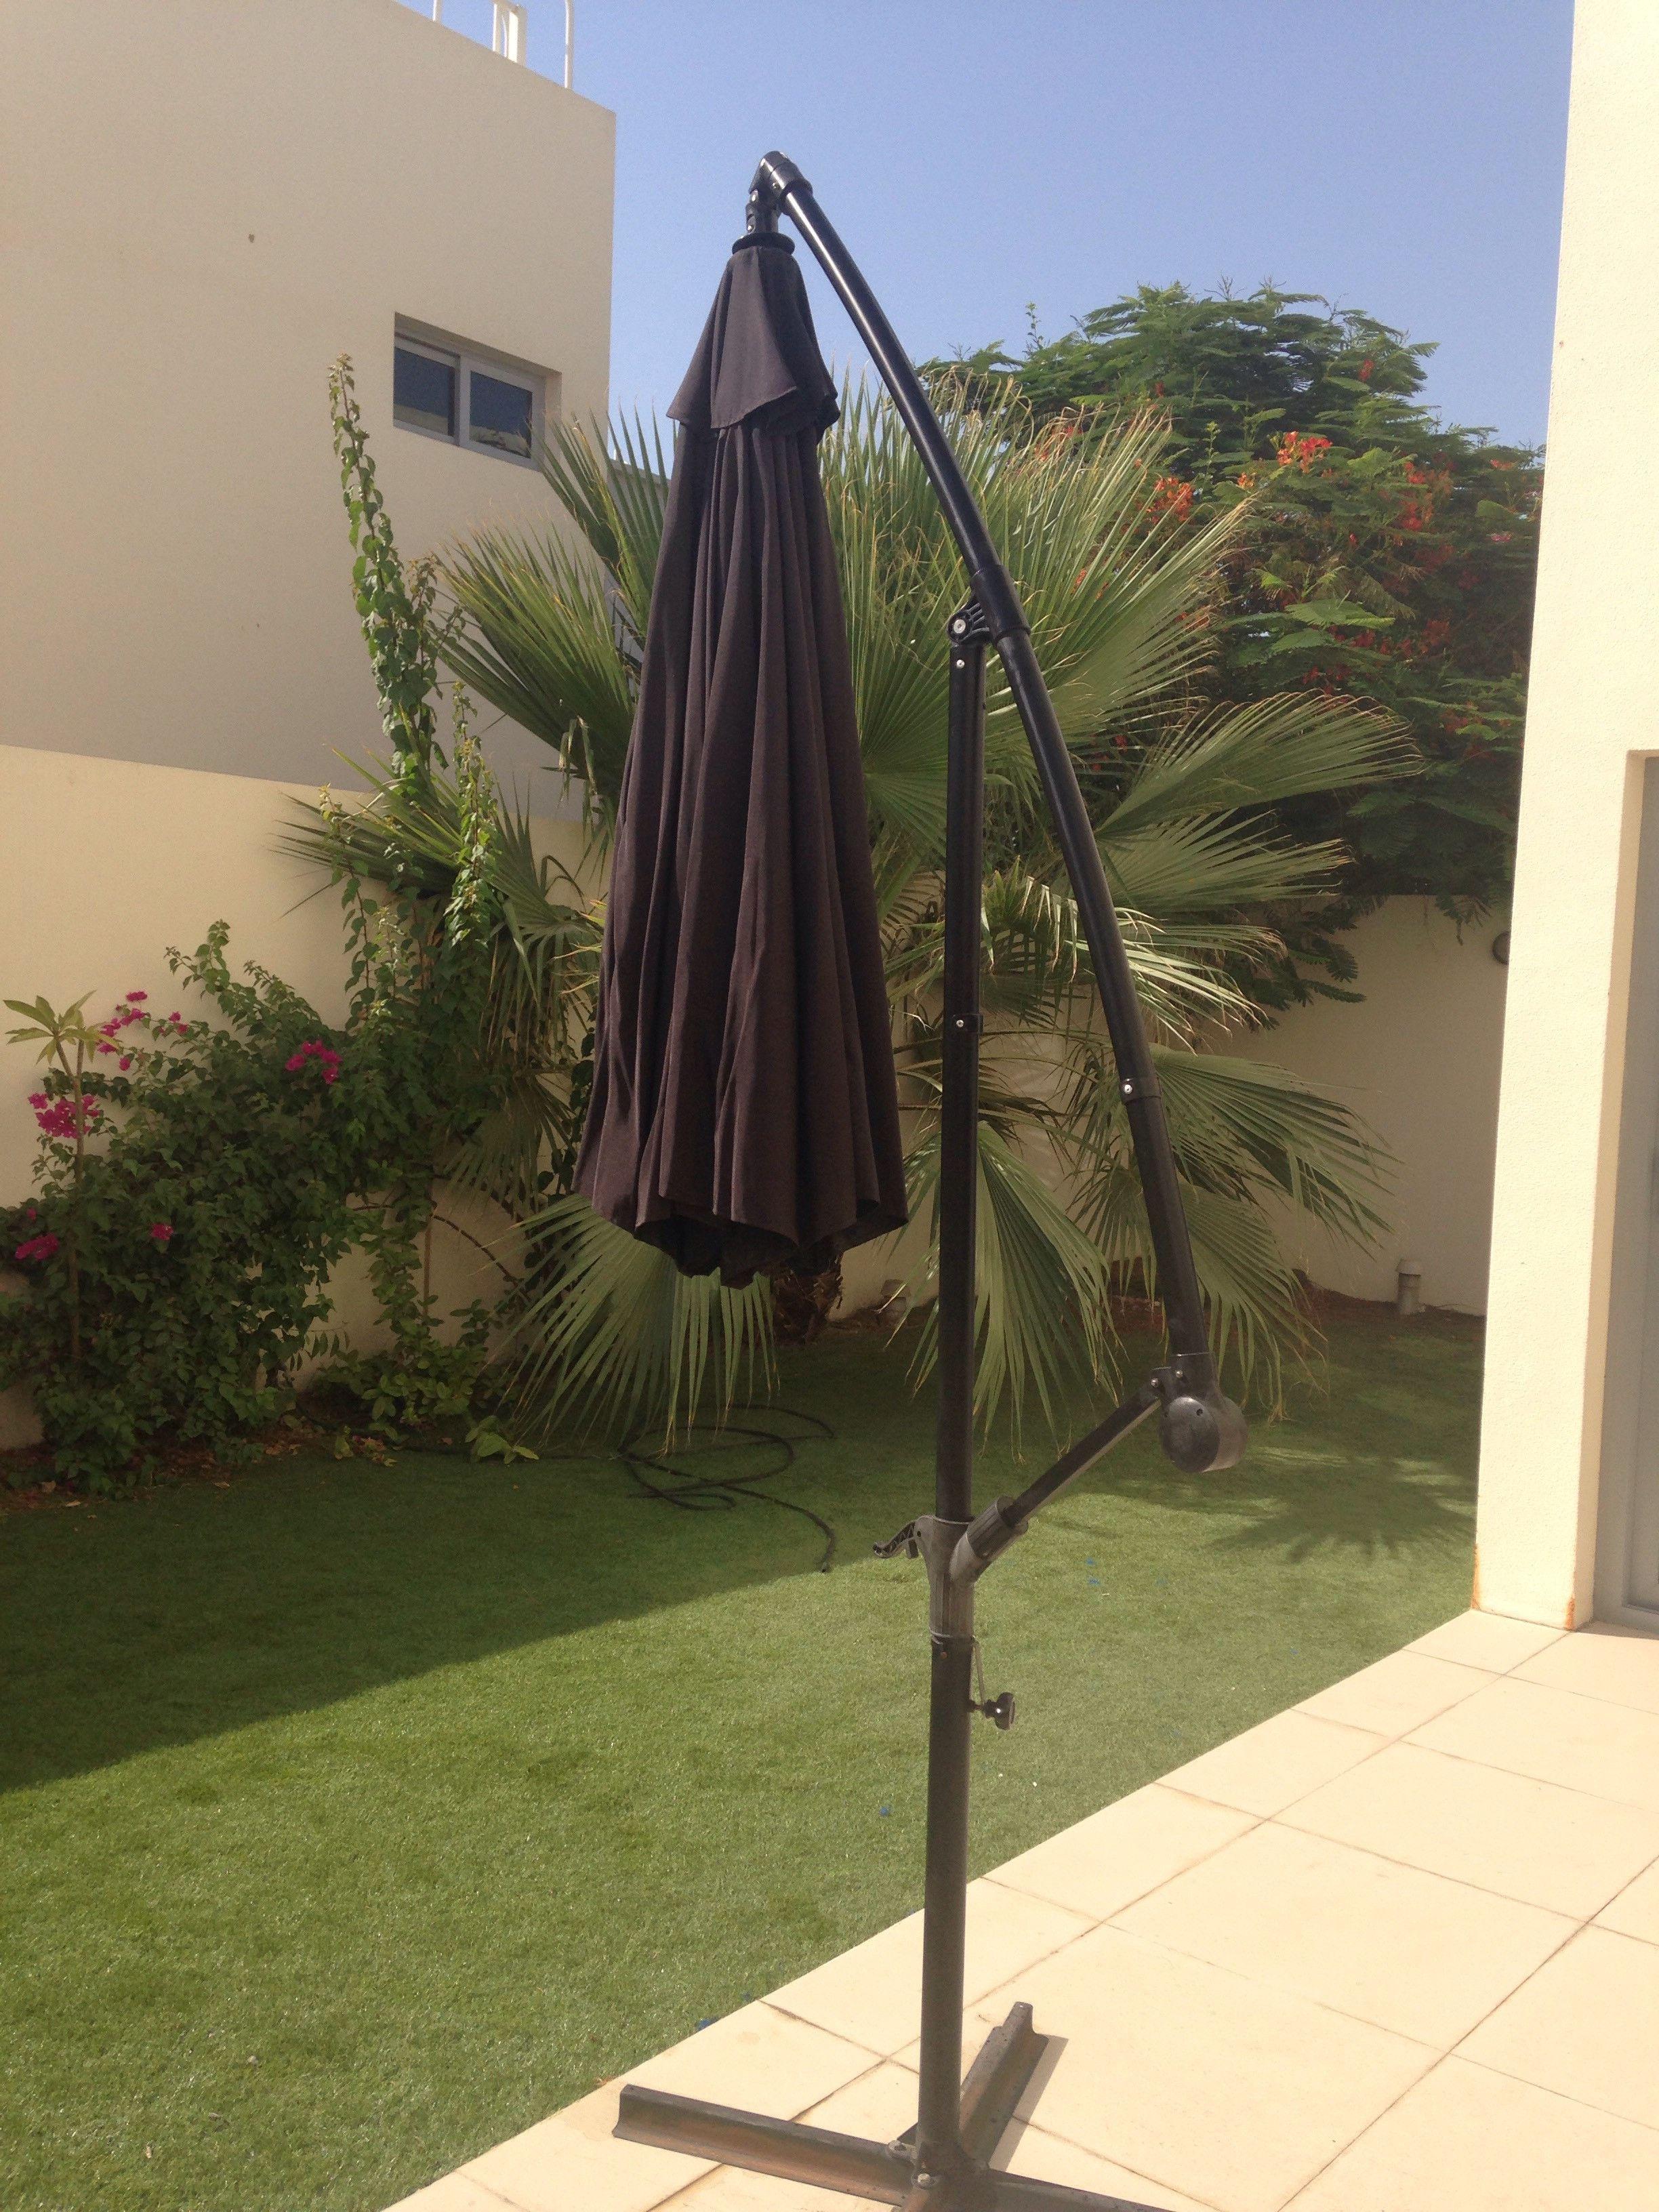 2 7 M X 2 7 M Round Cantilever Sun Umbrella Abu Dhabi Uae Storat